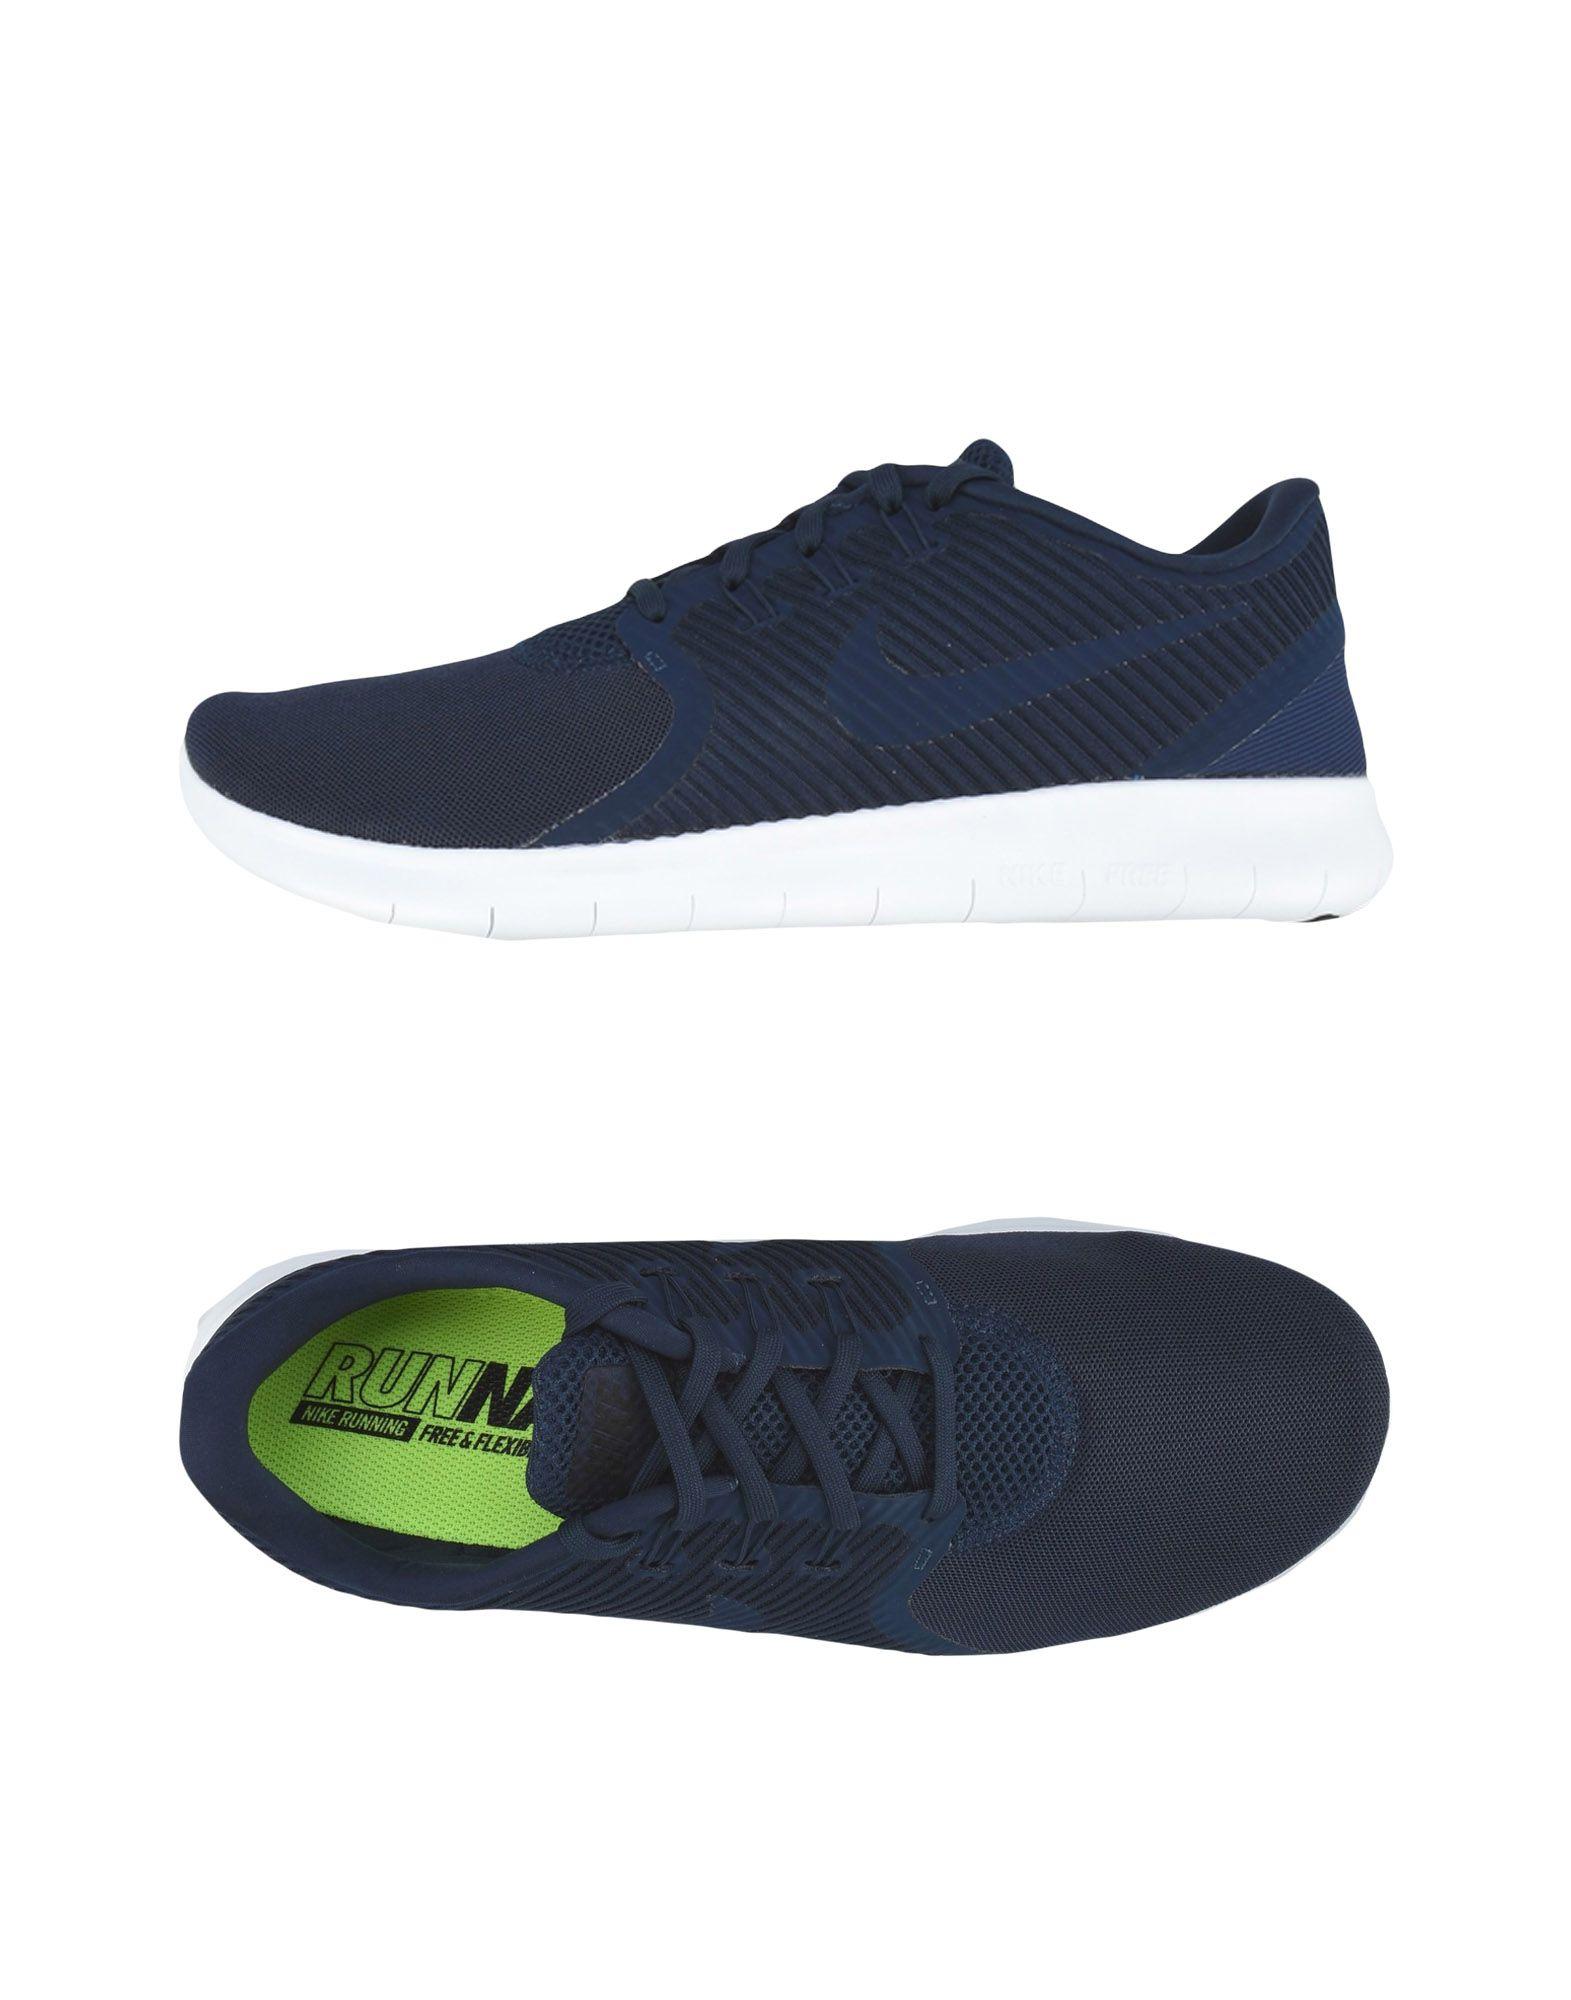 Nike  Free Run Commuter - Sneakers - on Men Nike Sneakers online on -  United Kingdom - 11227730OJ 50fec6